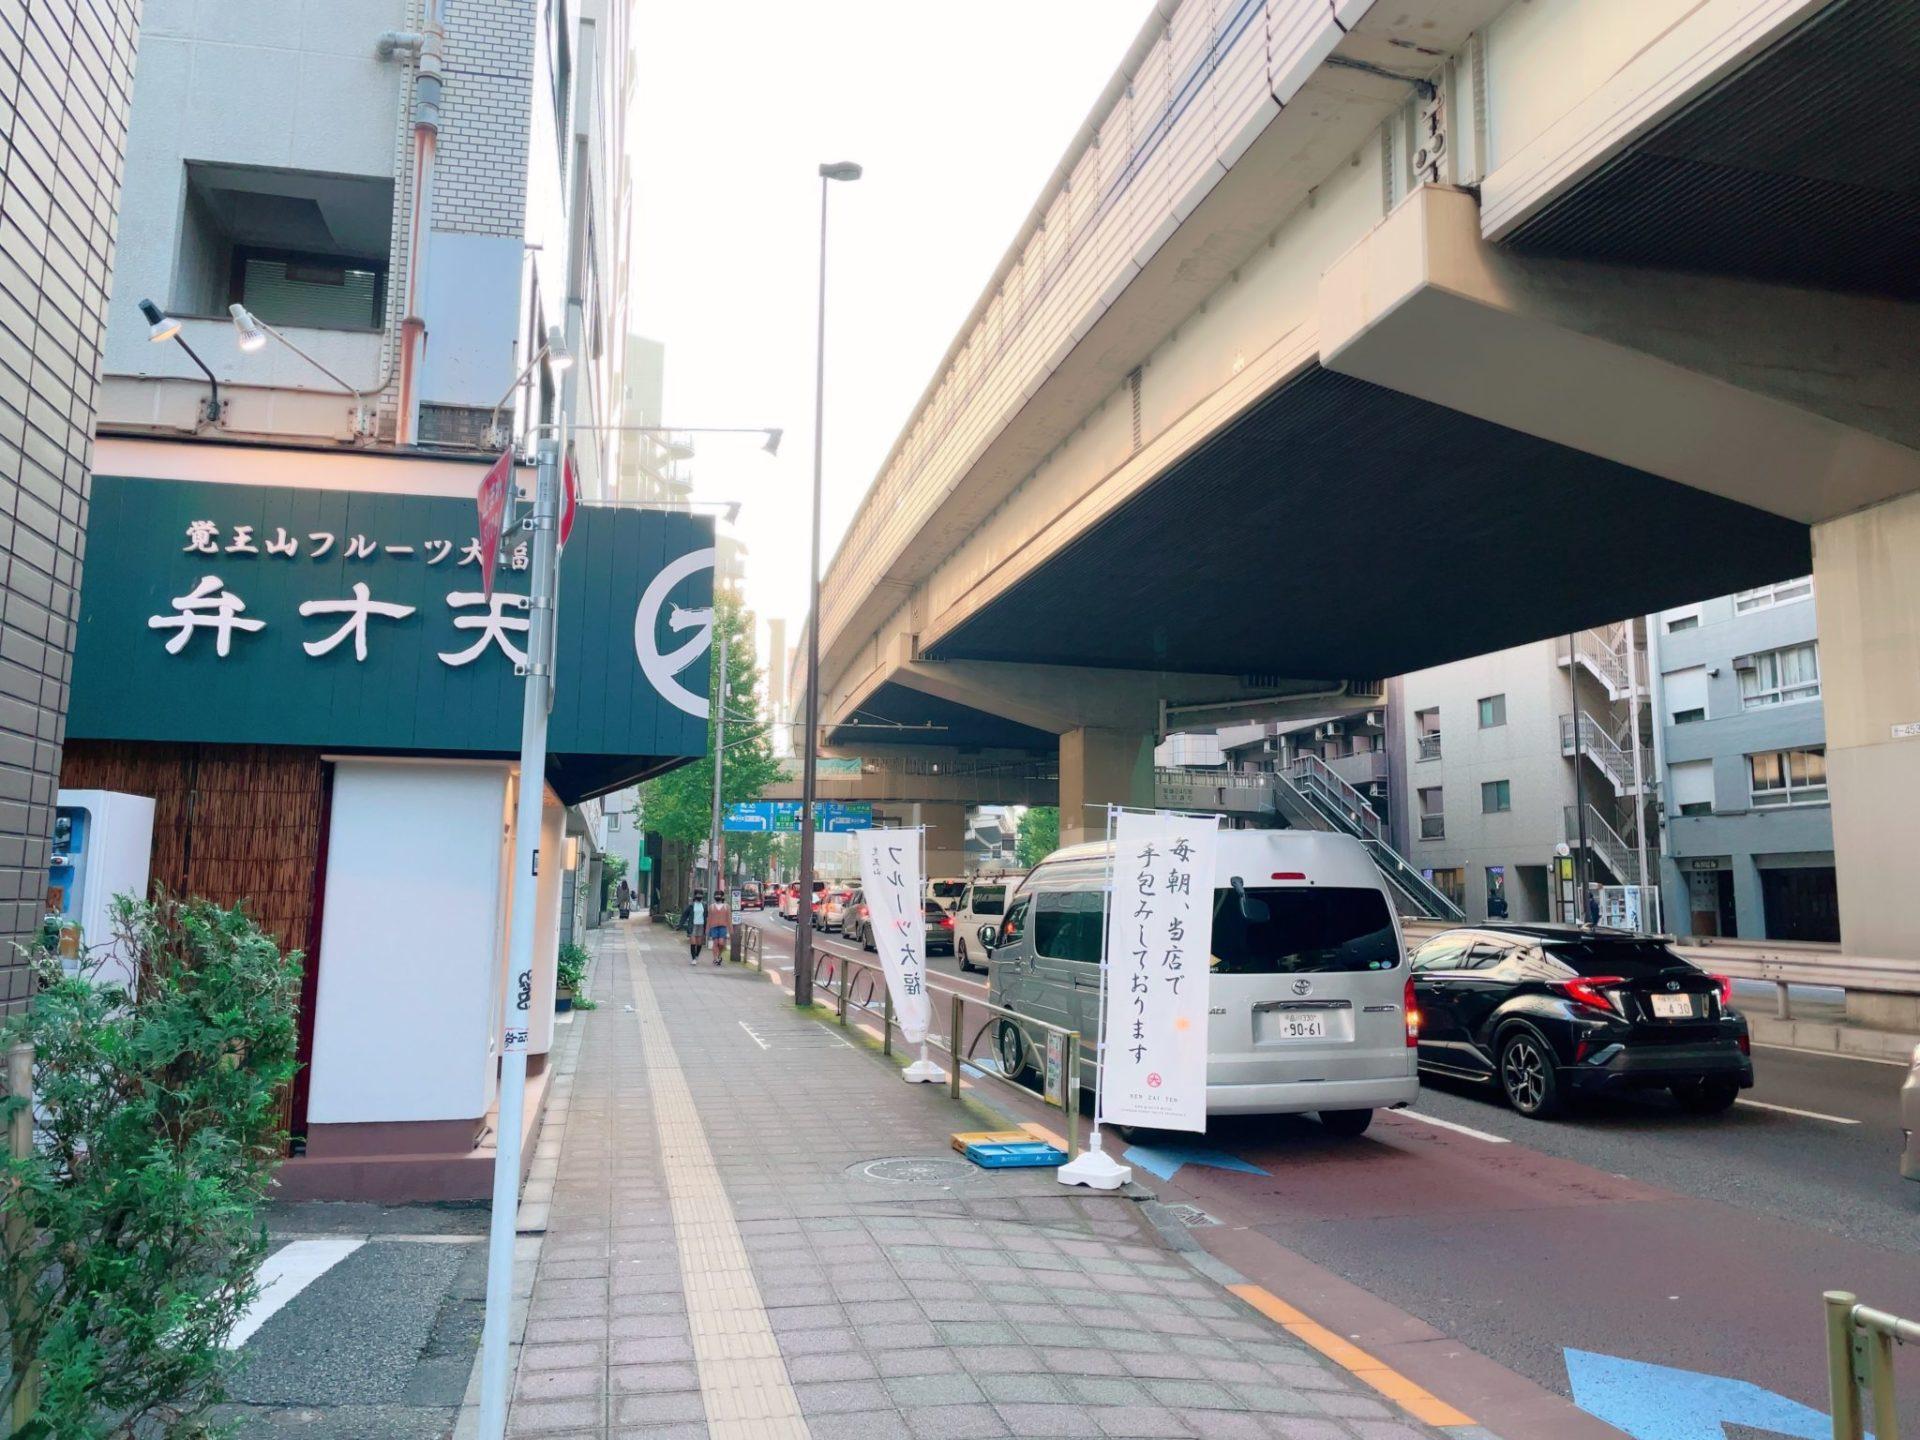 覚王山フルーツ大福 弁才天 三軒茶屋店は国道246号沿い